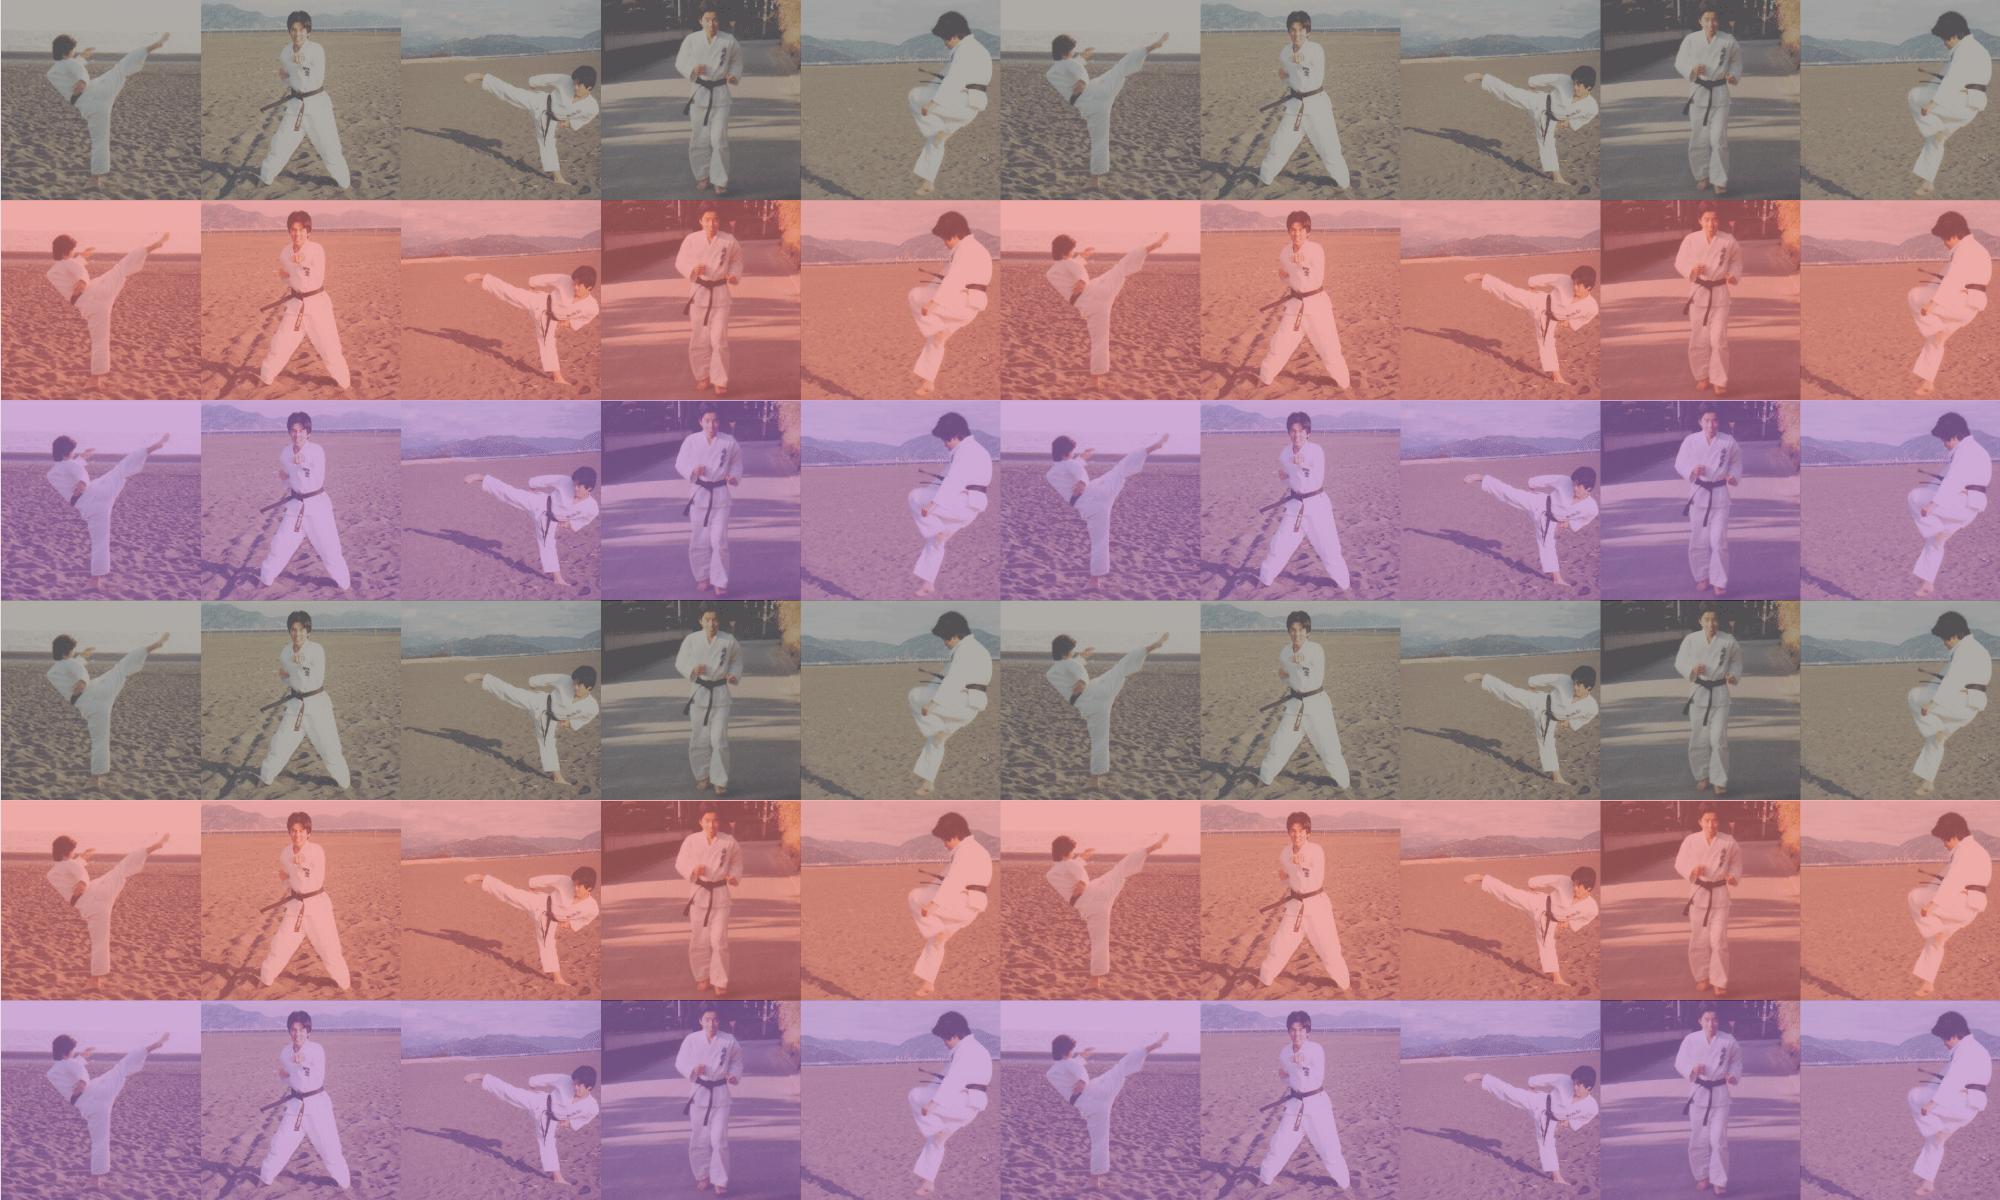 剛柔流国際空手古武道連盟[講武館]東京八王子支部